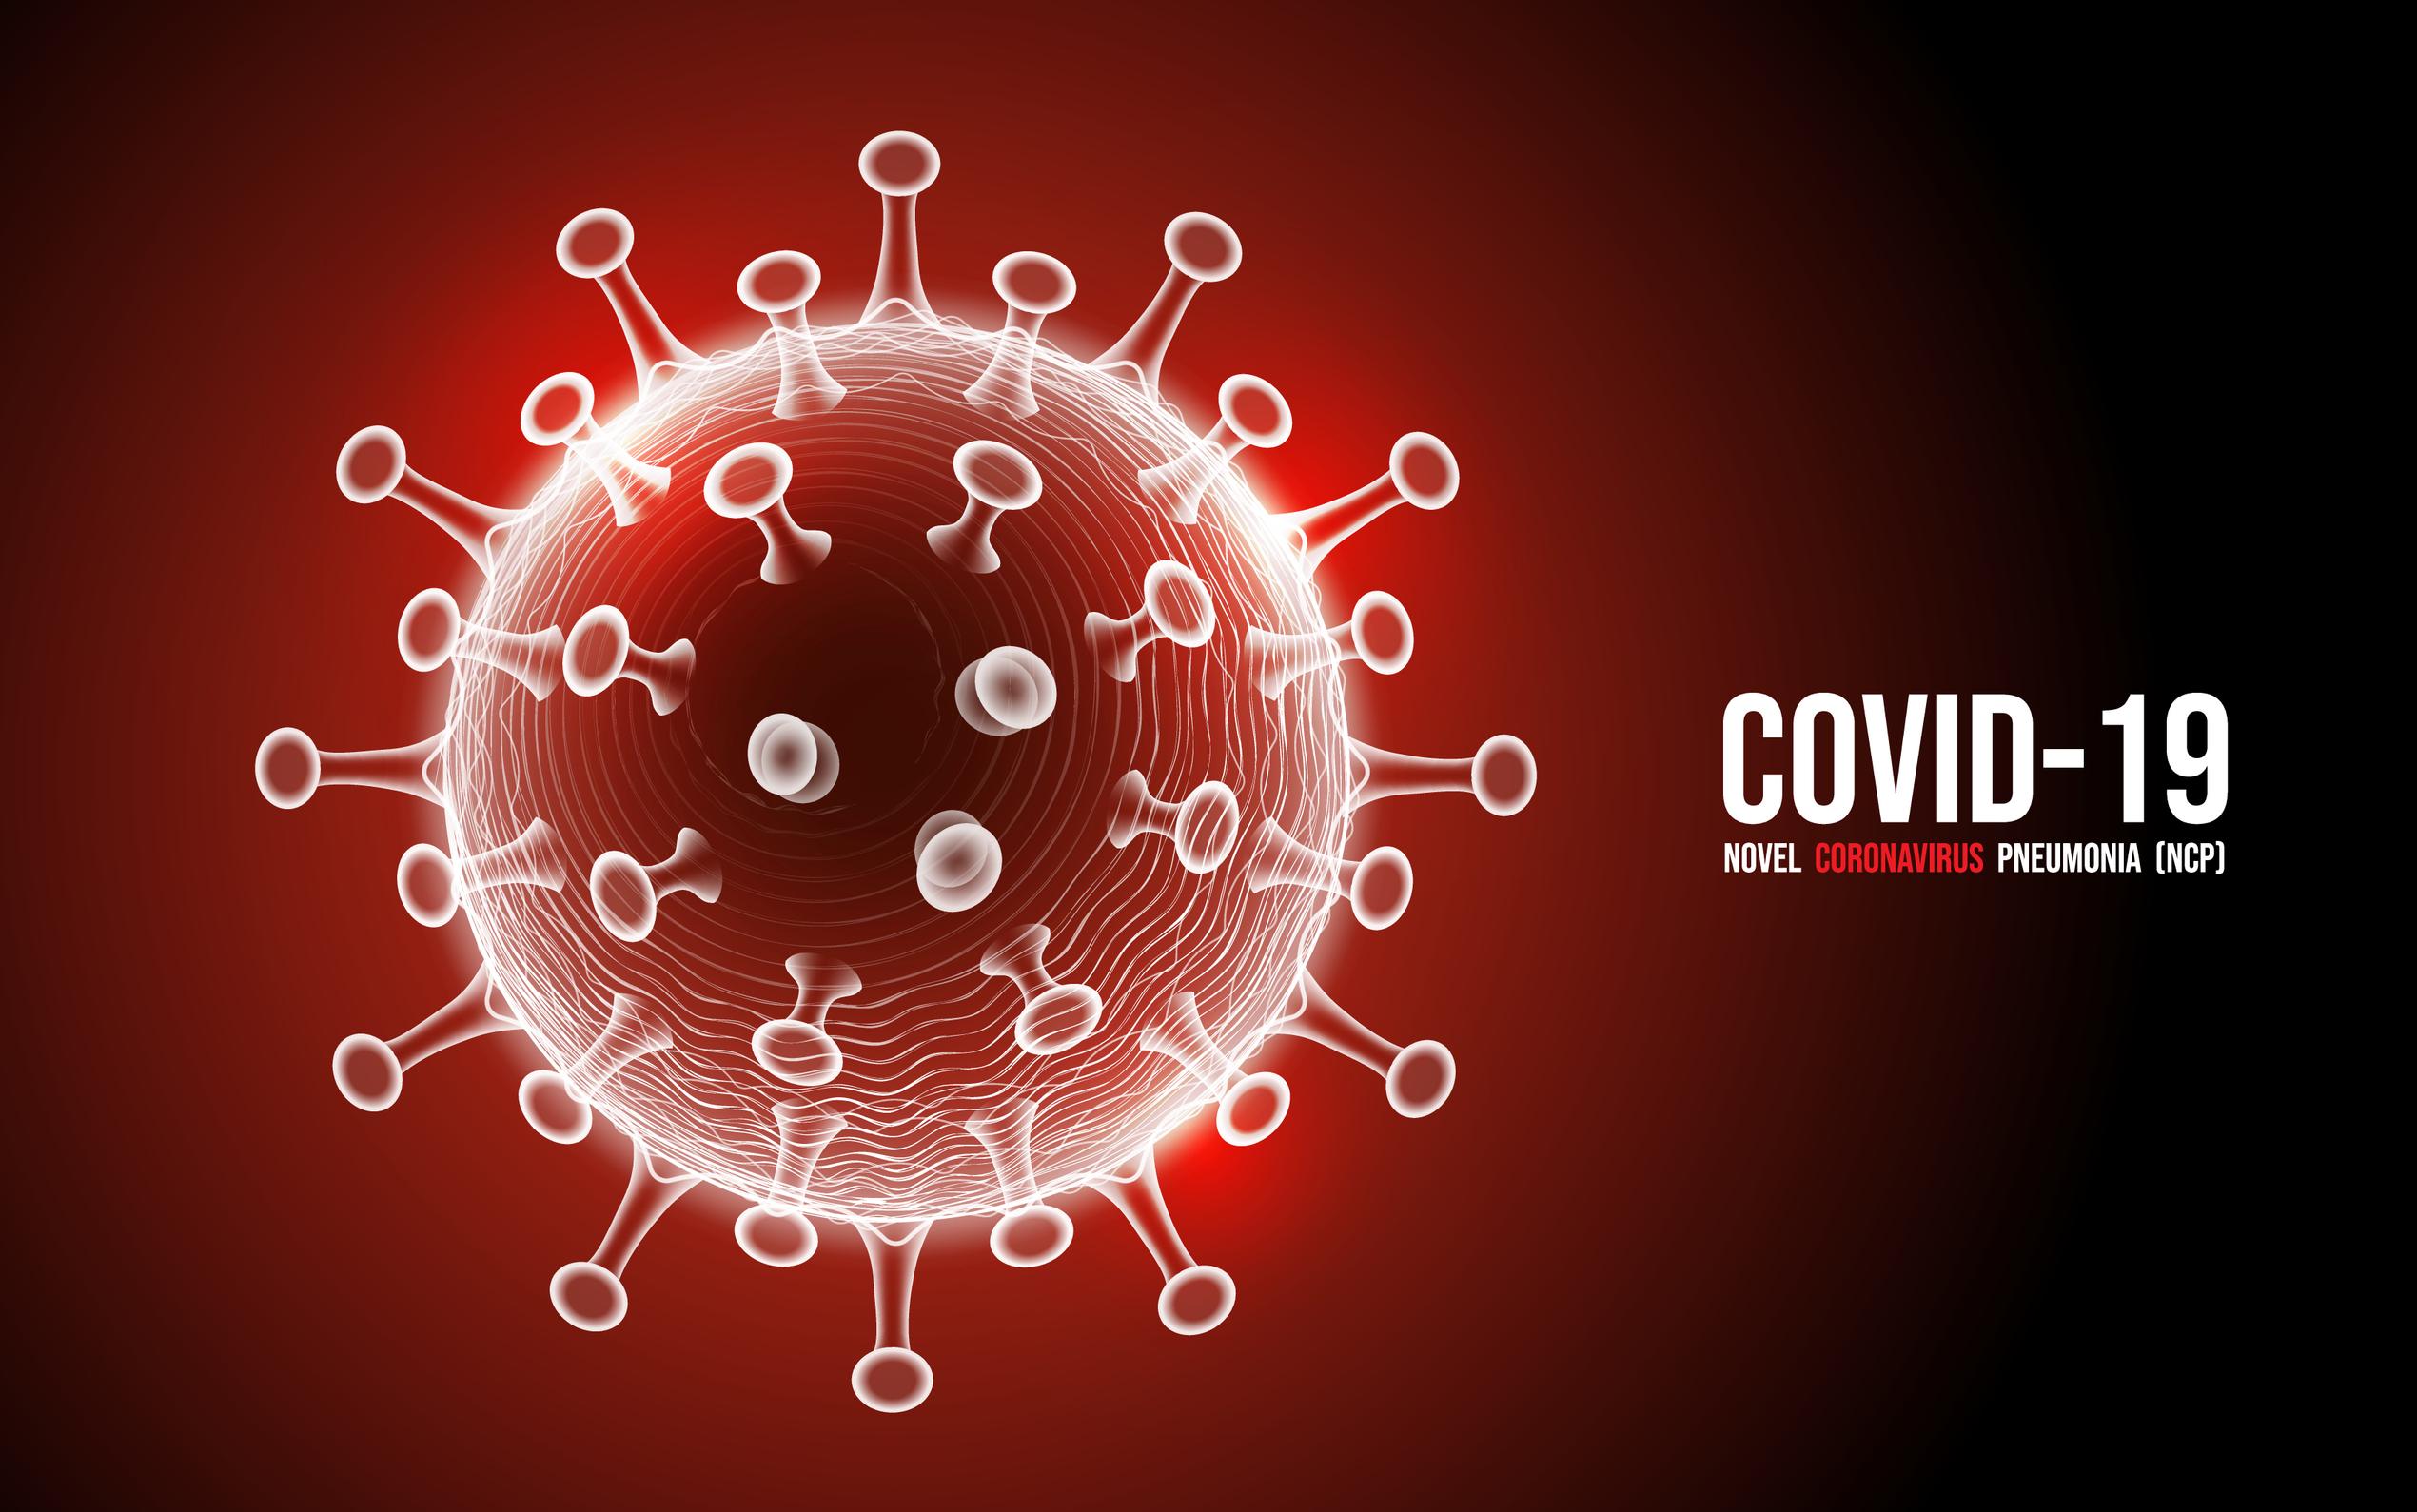 Κορωνοϊός τάσεις: Τα ποσοστά μόλυνσης και η κοινωνική απόσταση